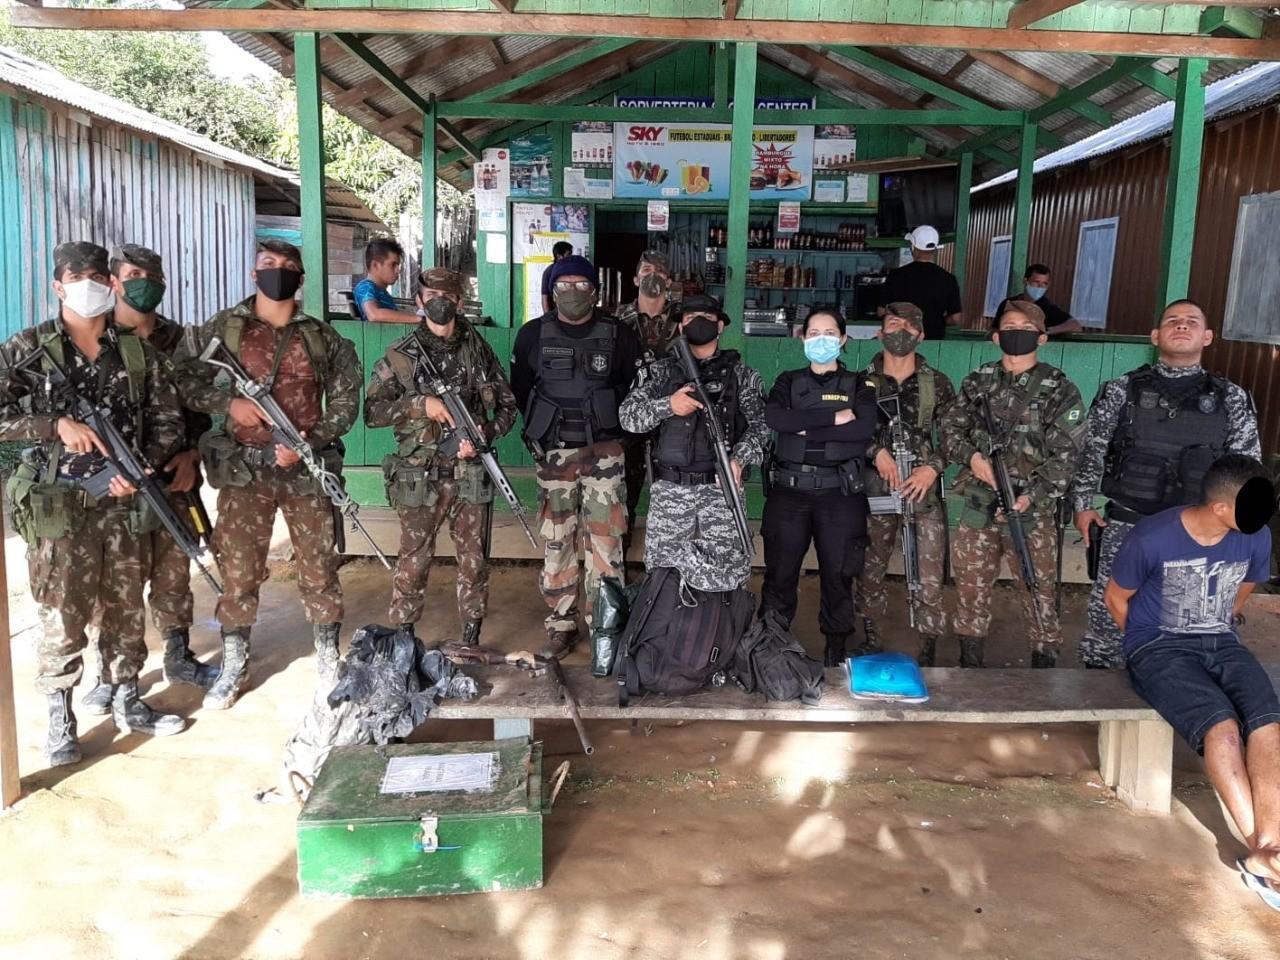 Exército apreende no AP animais silvestres, combustíveis, armas e itens usados em garimpo ilegal